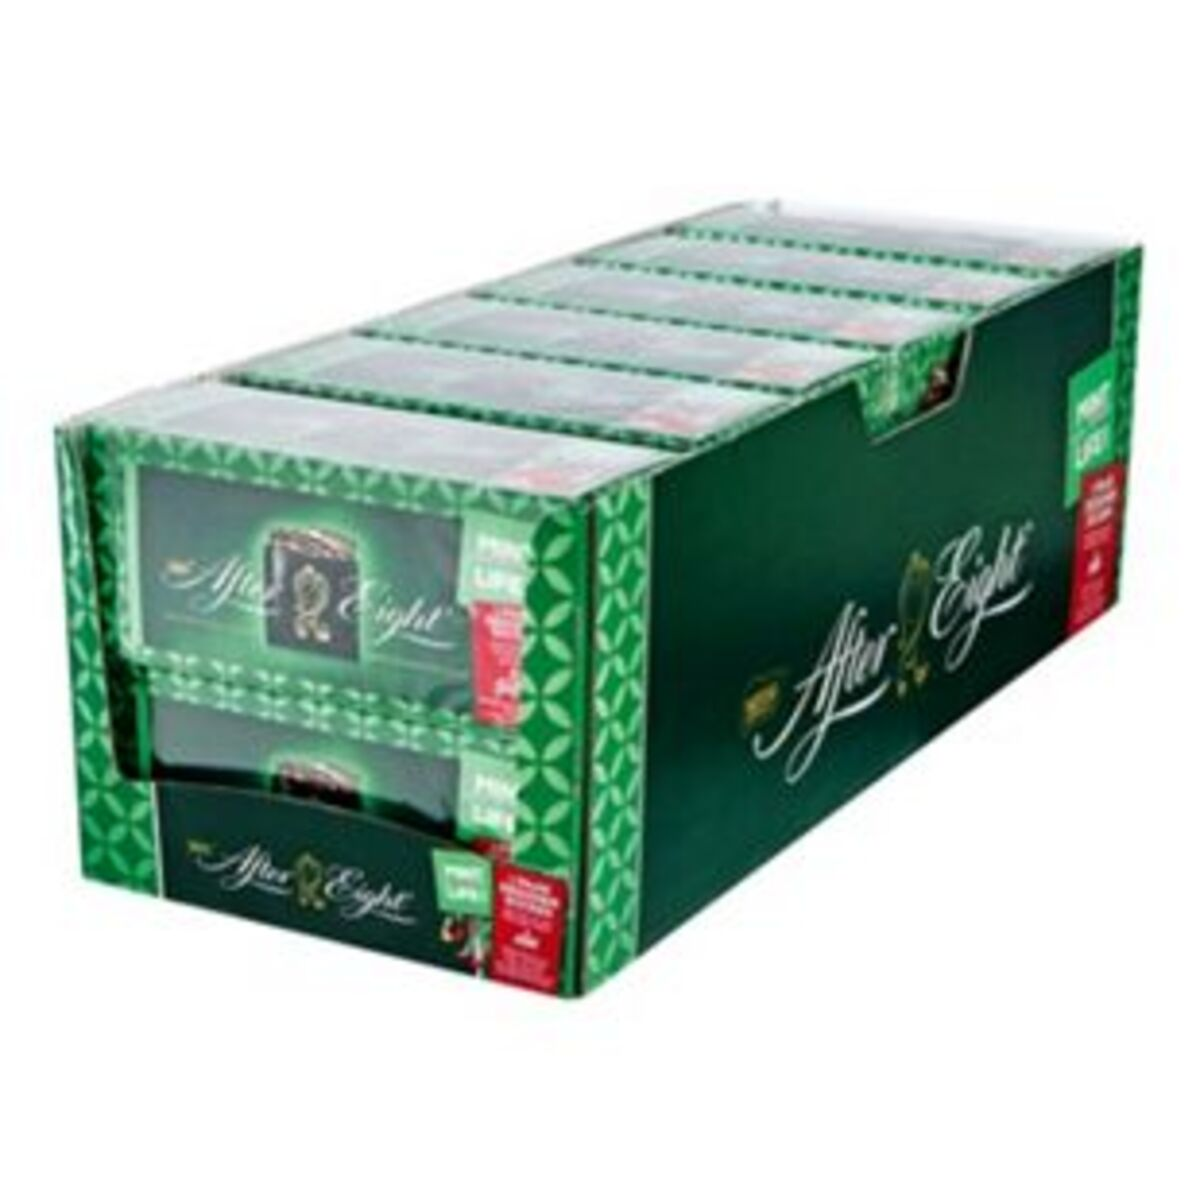 Bild 2 von Nestle After Eight 200 g, 12er Pack